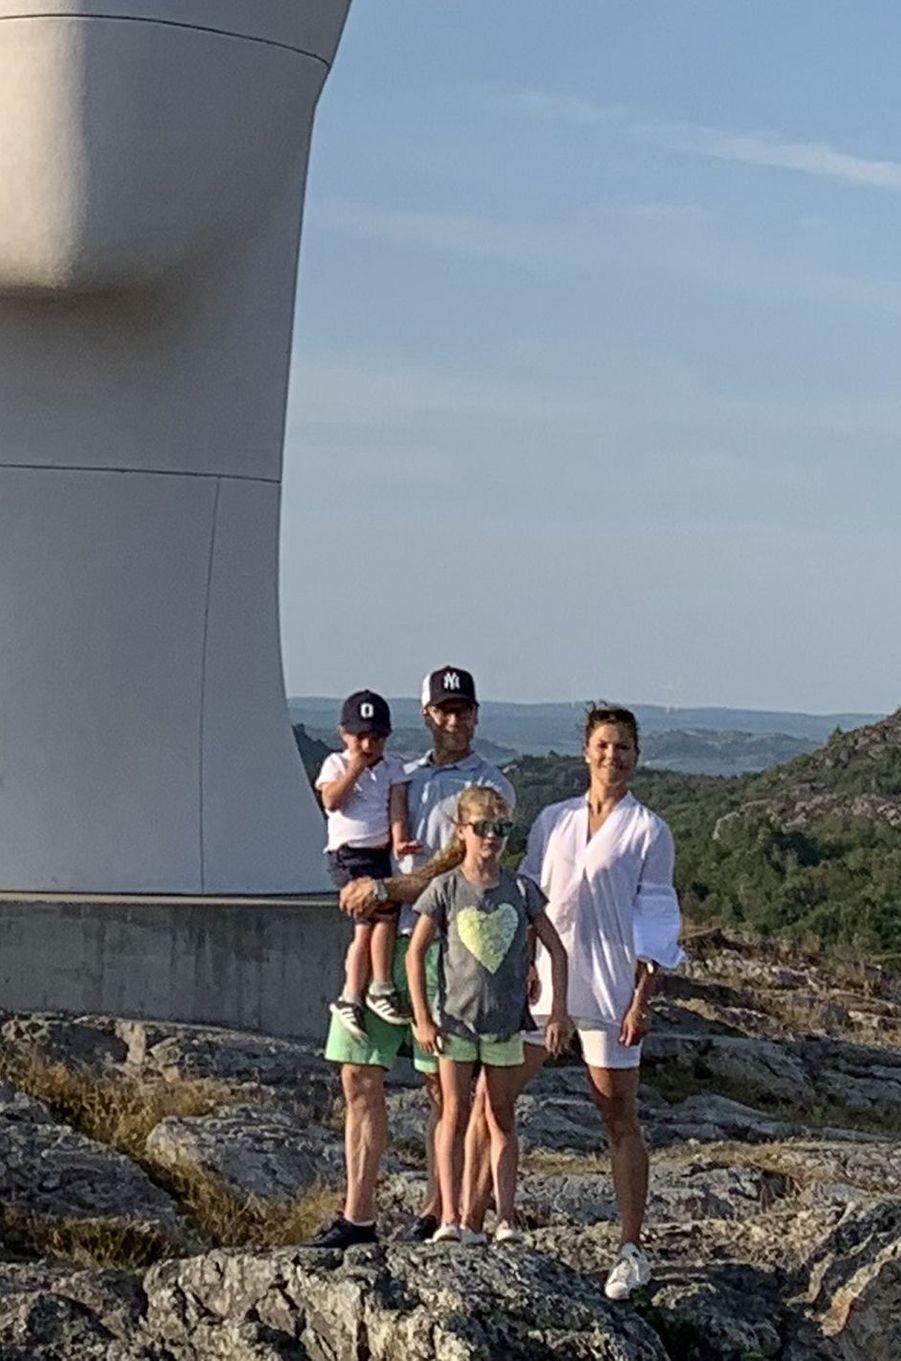 La princesse Victoria de Suède, le prince Daniel et leurs enfants la princesse Estelle et le prince Oscar dans le Bohusland, à l'été 2019 (détail de la photo précédente)